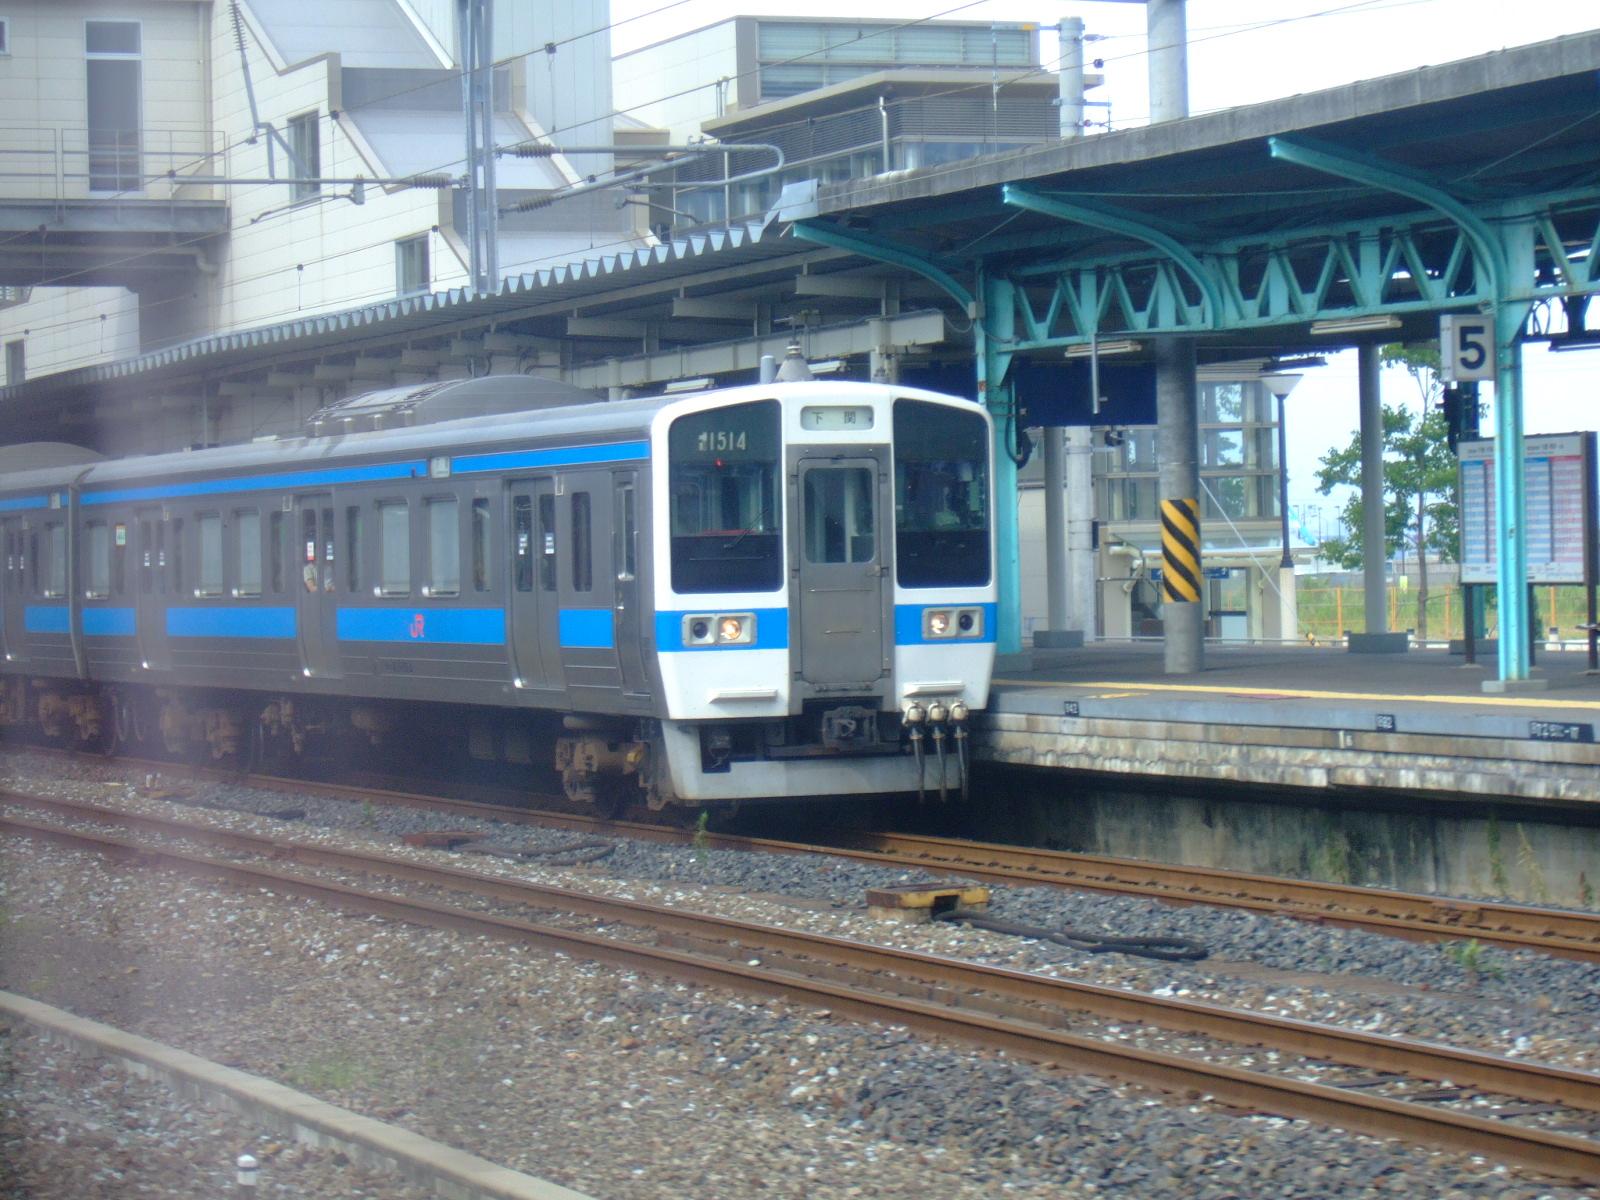 Dscf2471